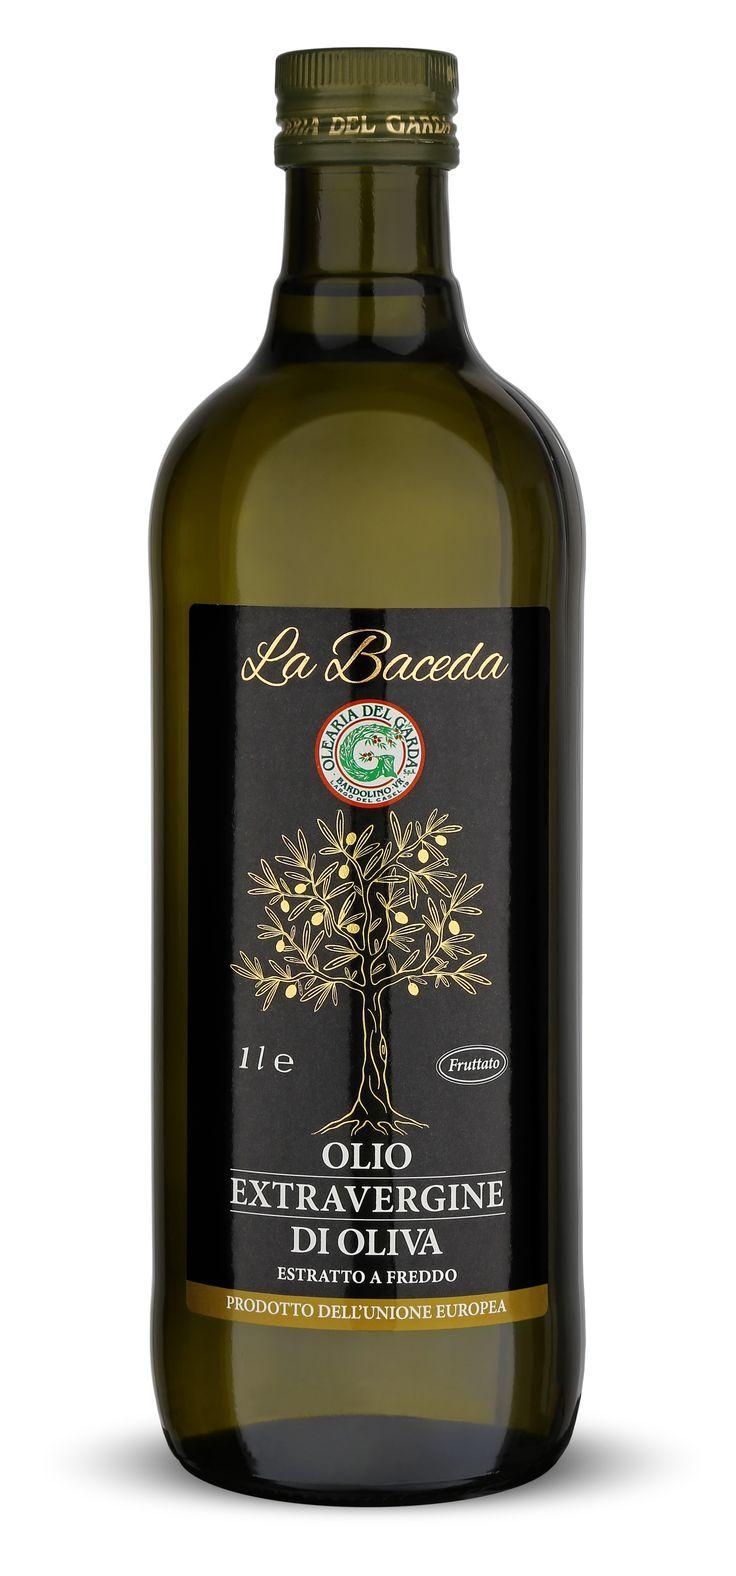 Oleria del Garda ** Olio Extravergine di Oliva La Baceda / 1l ** Italien ** Gardasee  http://www.flaschenhandel.com/Oleria-del-Garda-Olio-Extravergine-di-Oliva-La-Baceda-1l